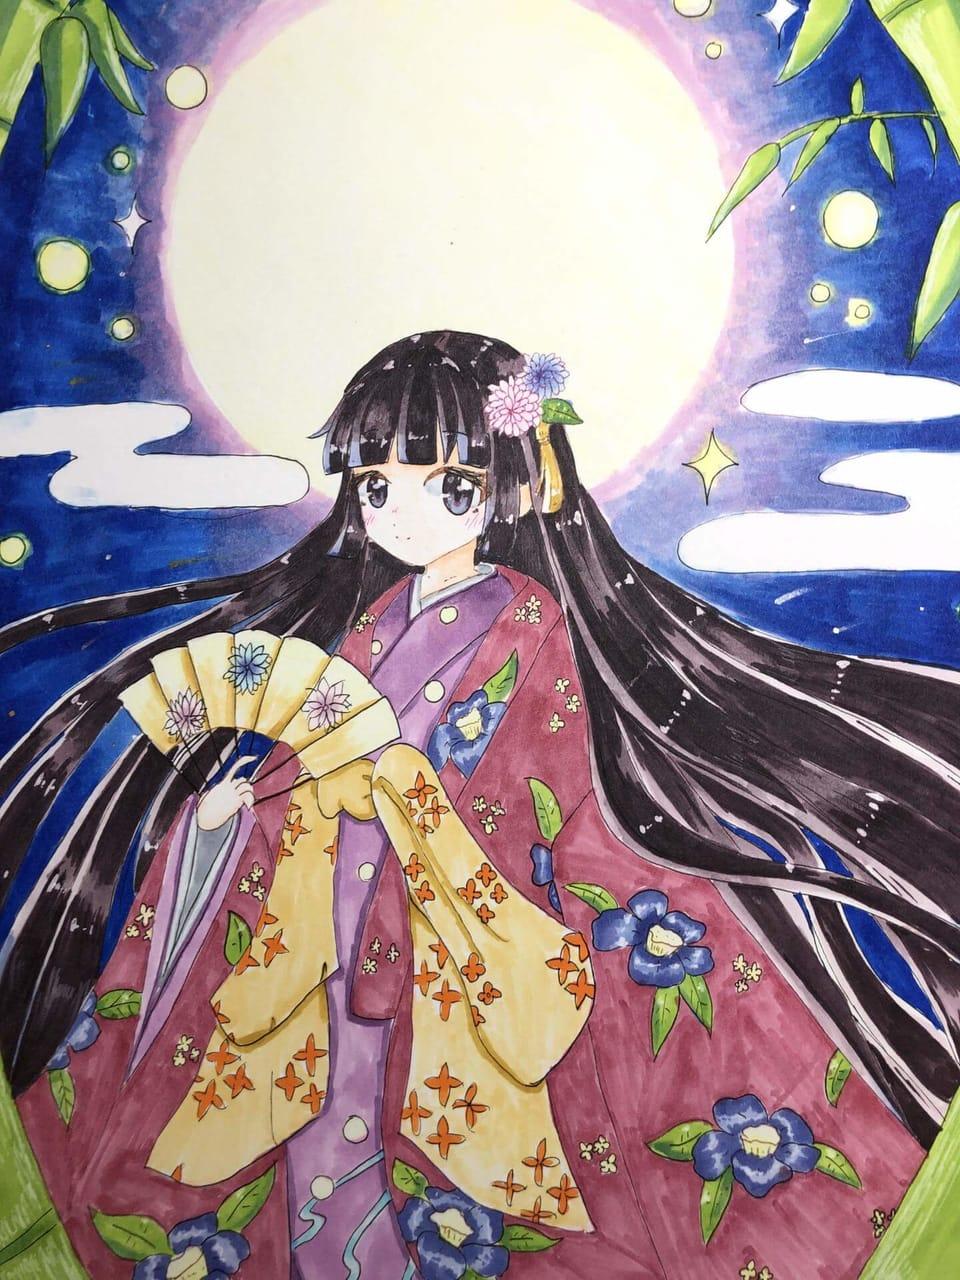 かぐや姫! Illust of むむれん アナログ むむれん kimono かぐや姫 original リメイク girl 中秋の名月 夜空 moon